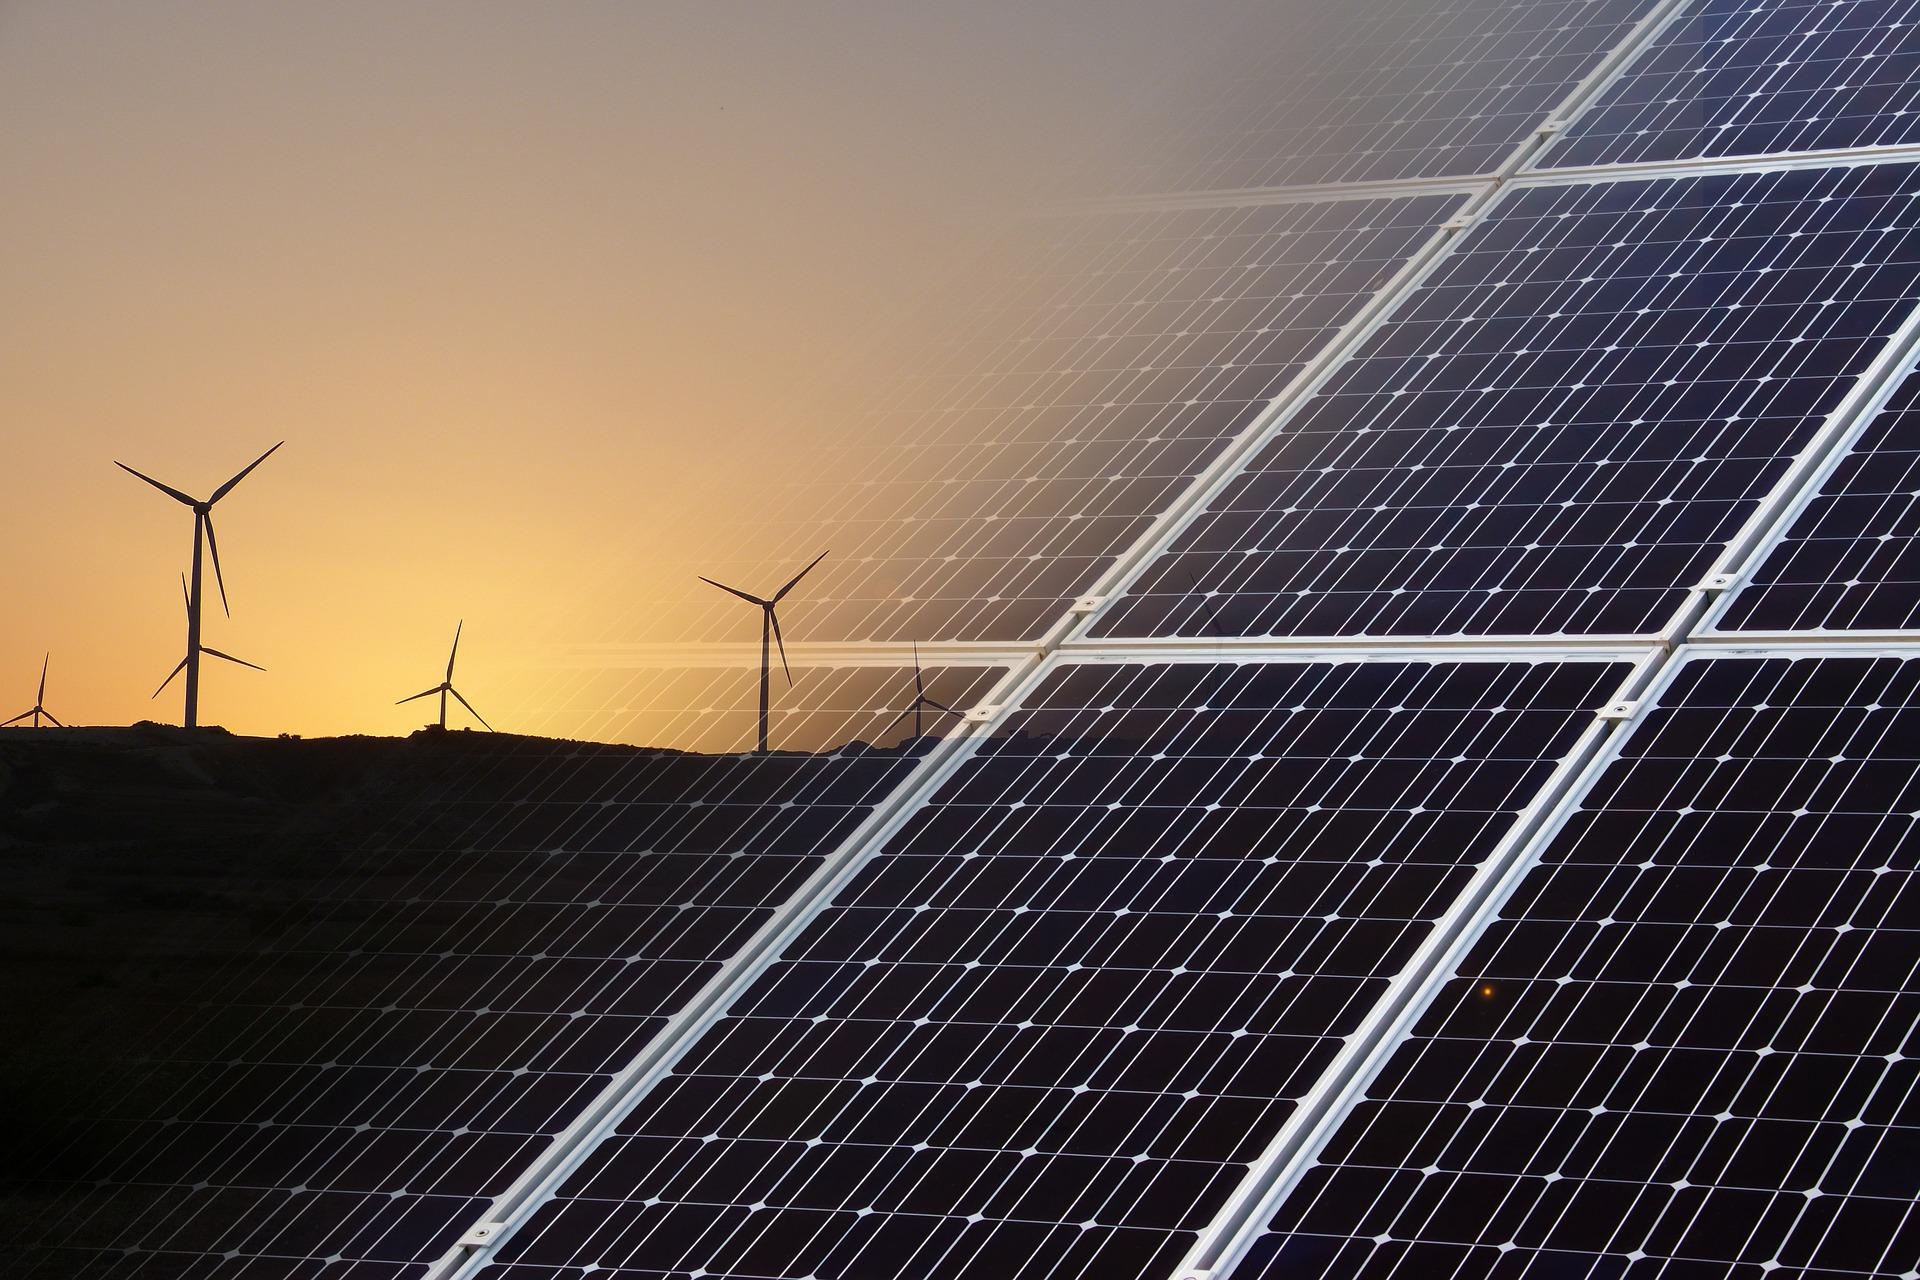 renovables-cosultora-energia